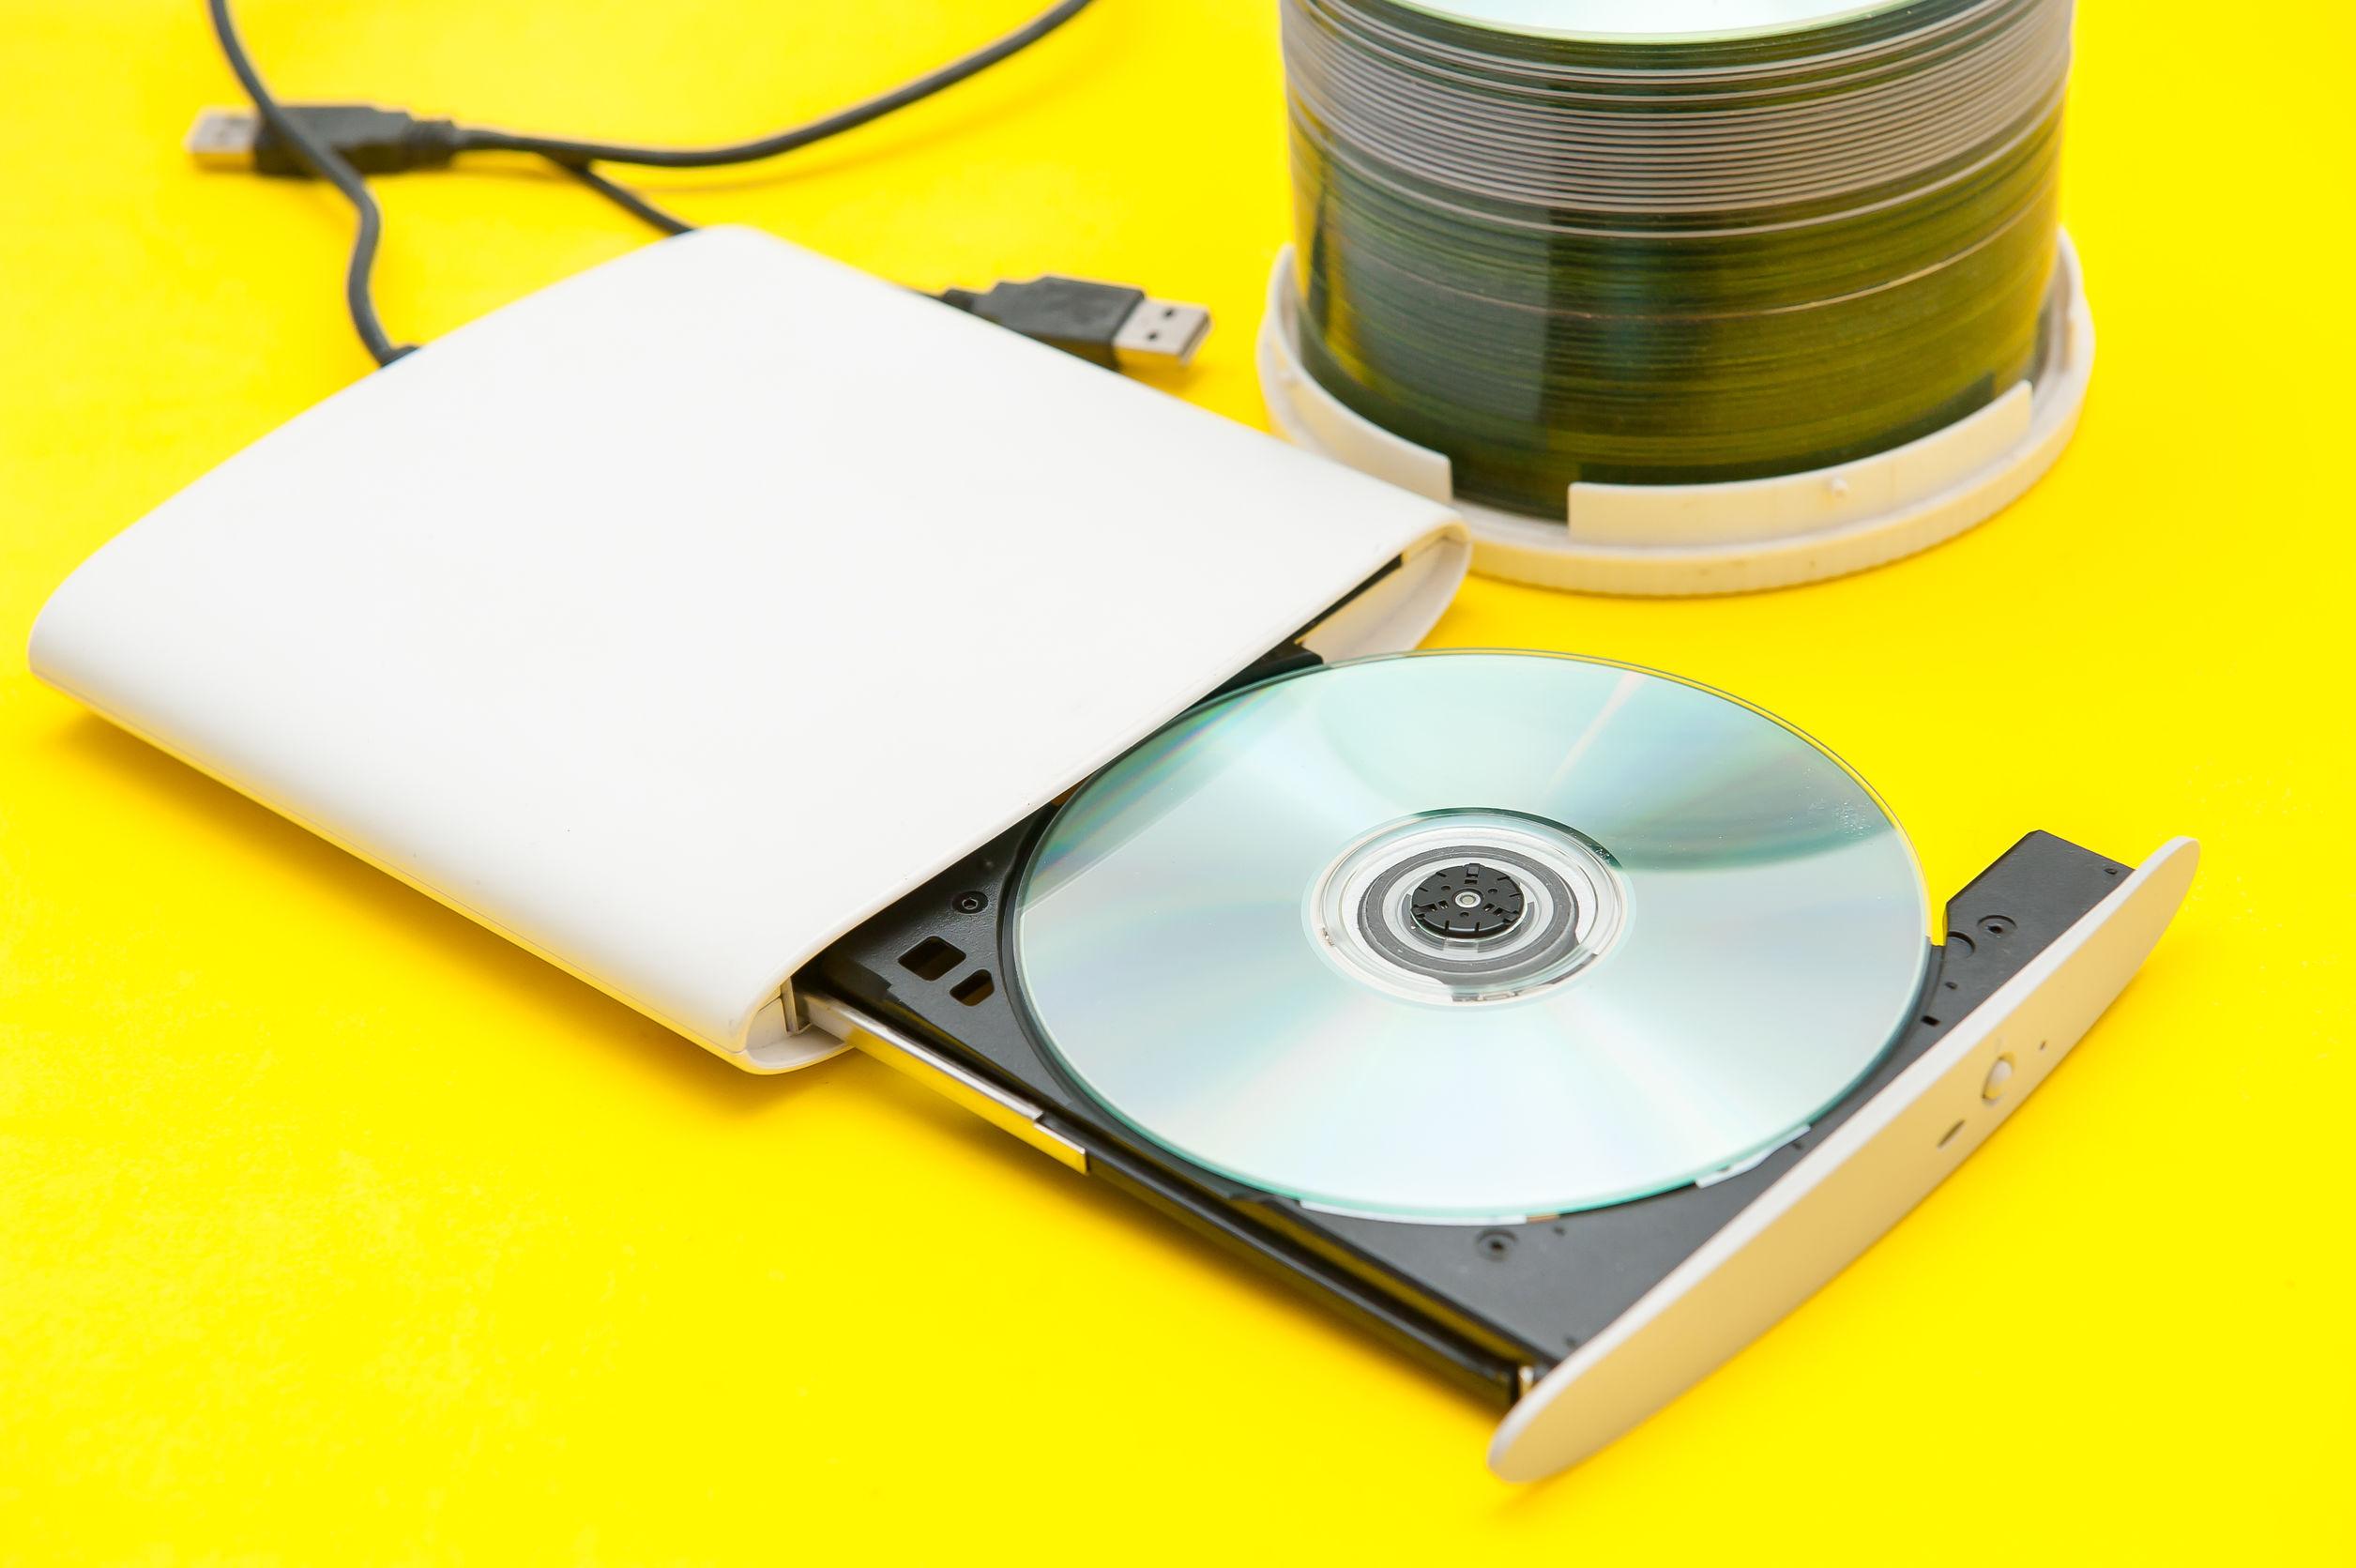 Un lettore DVD esterno bianco